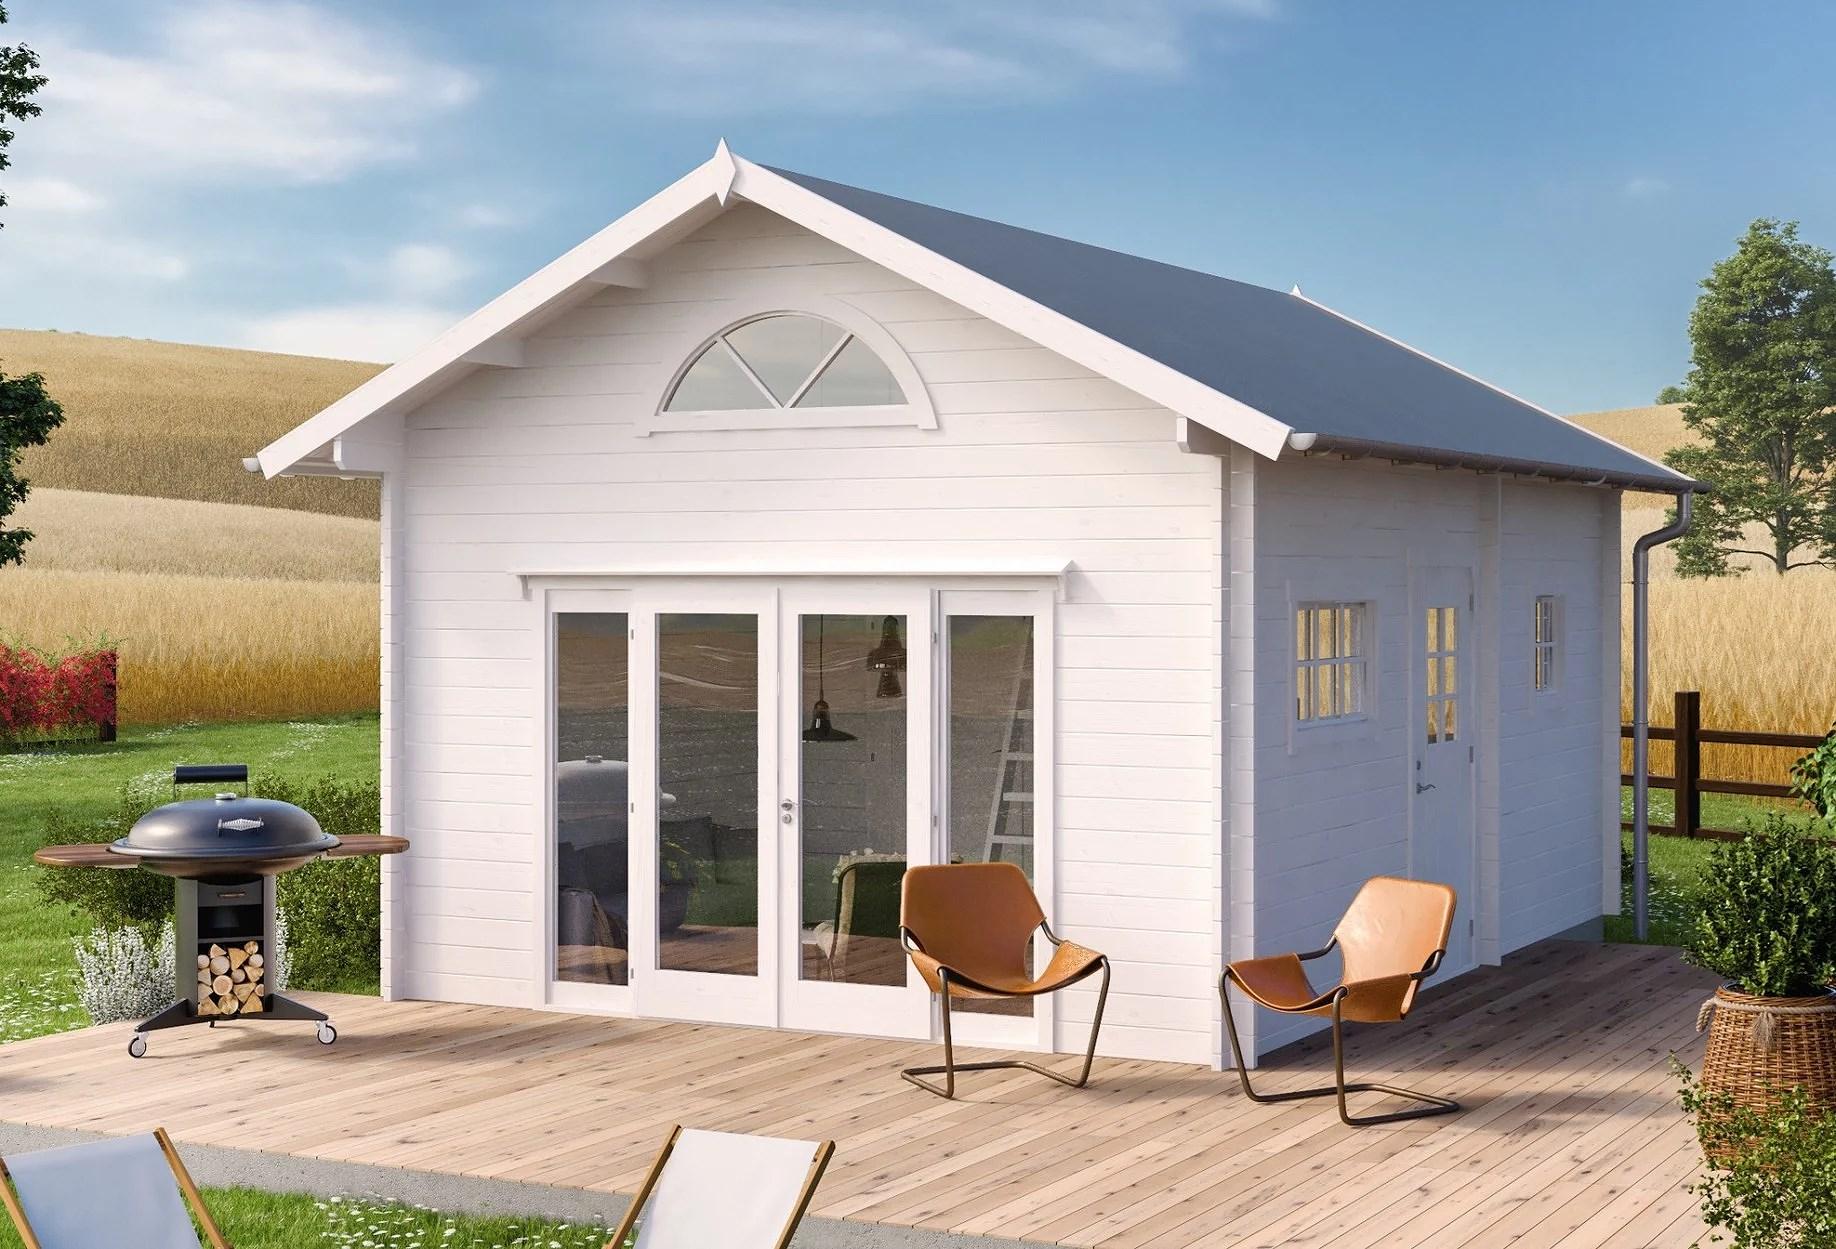 Bygg ut utan bygglov med attefallshus!